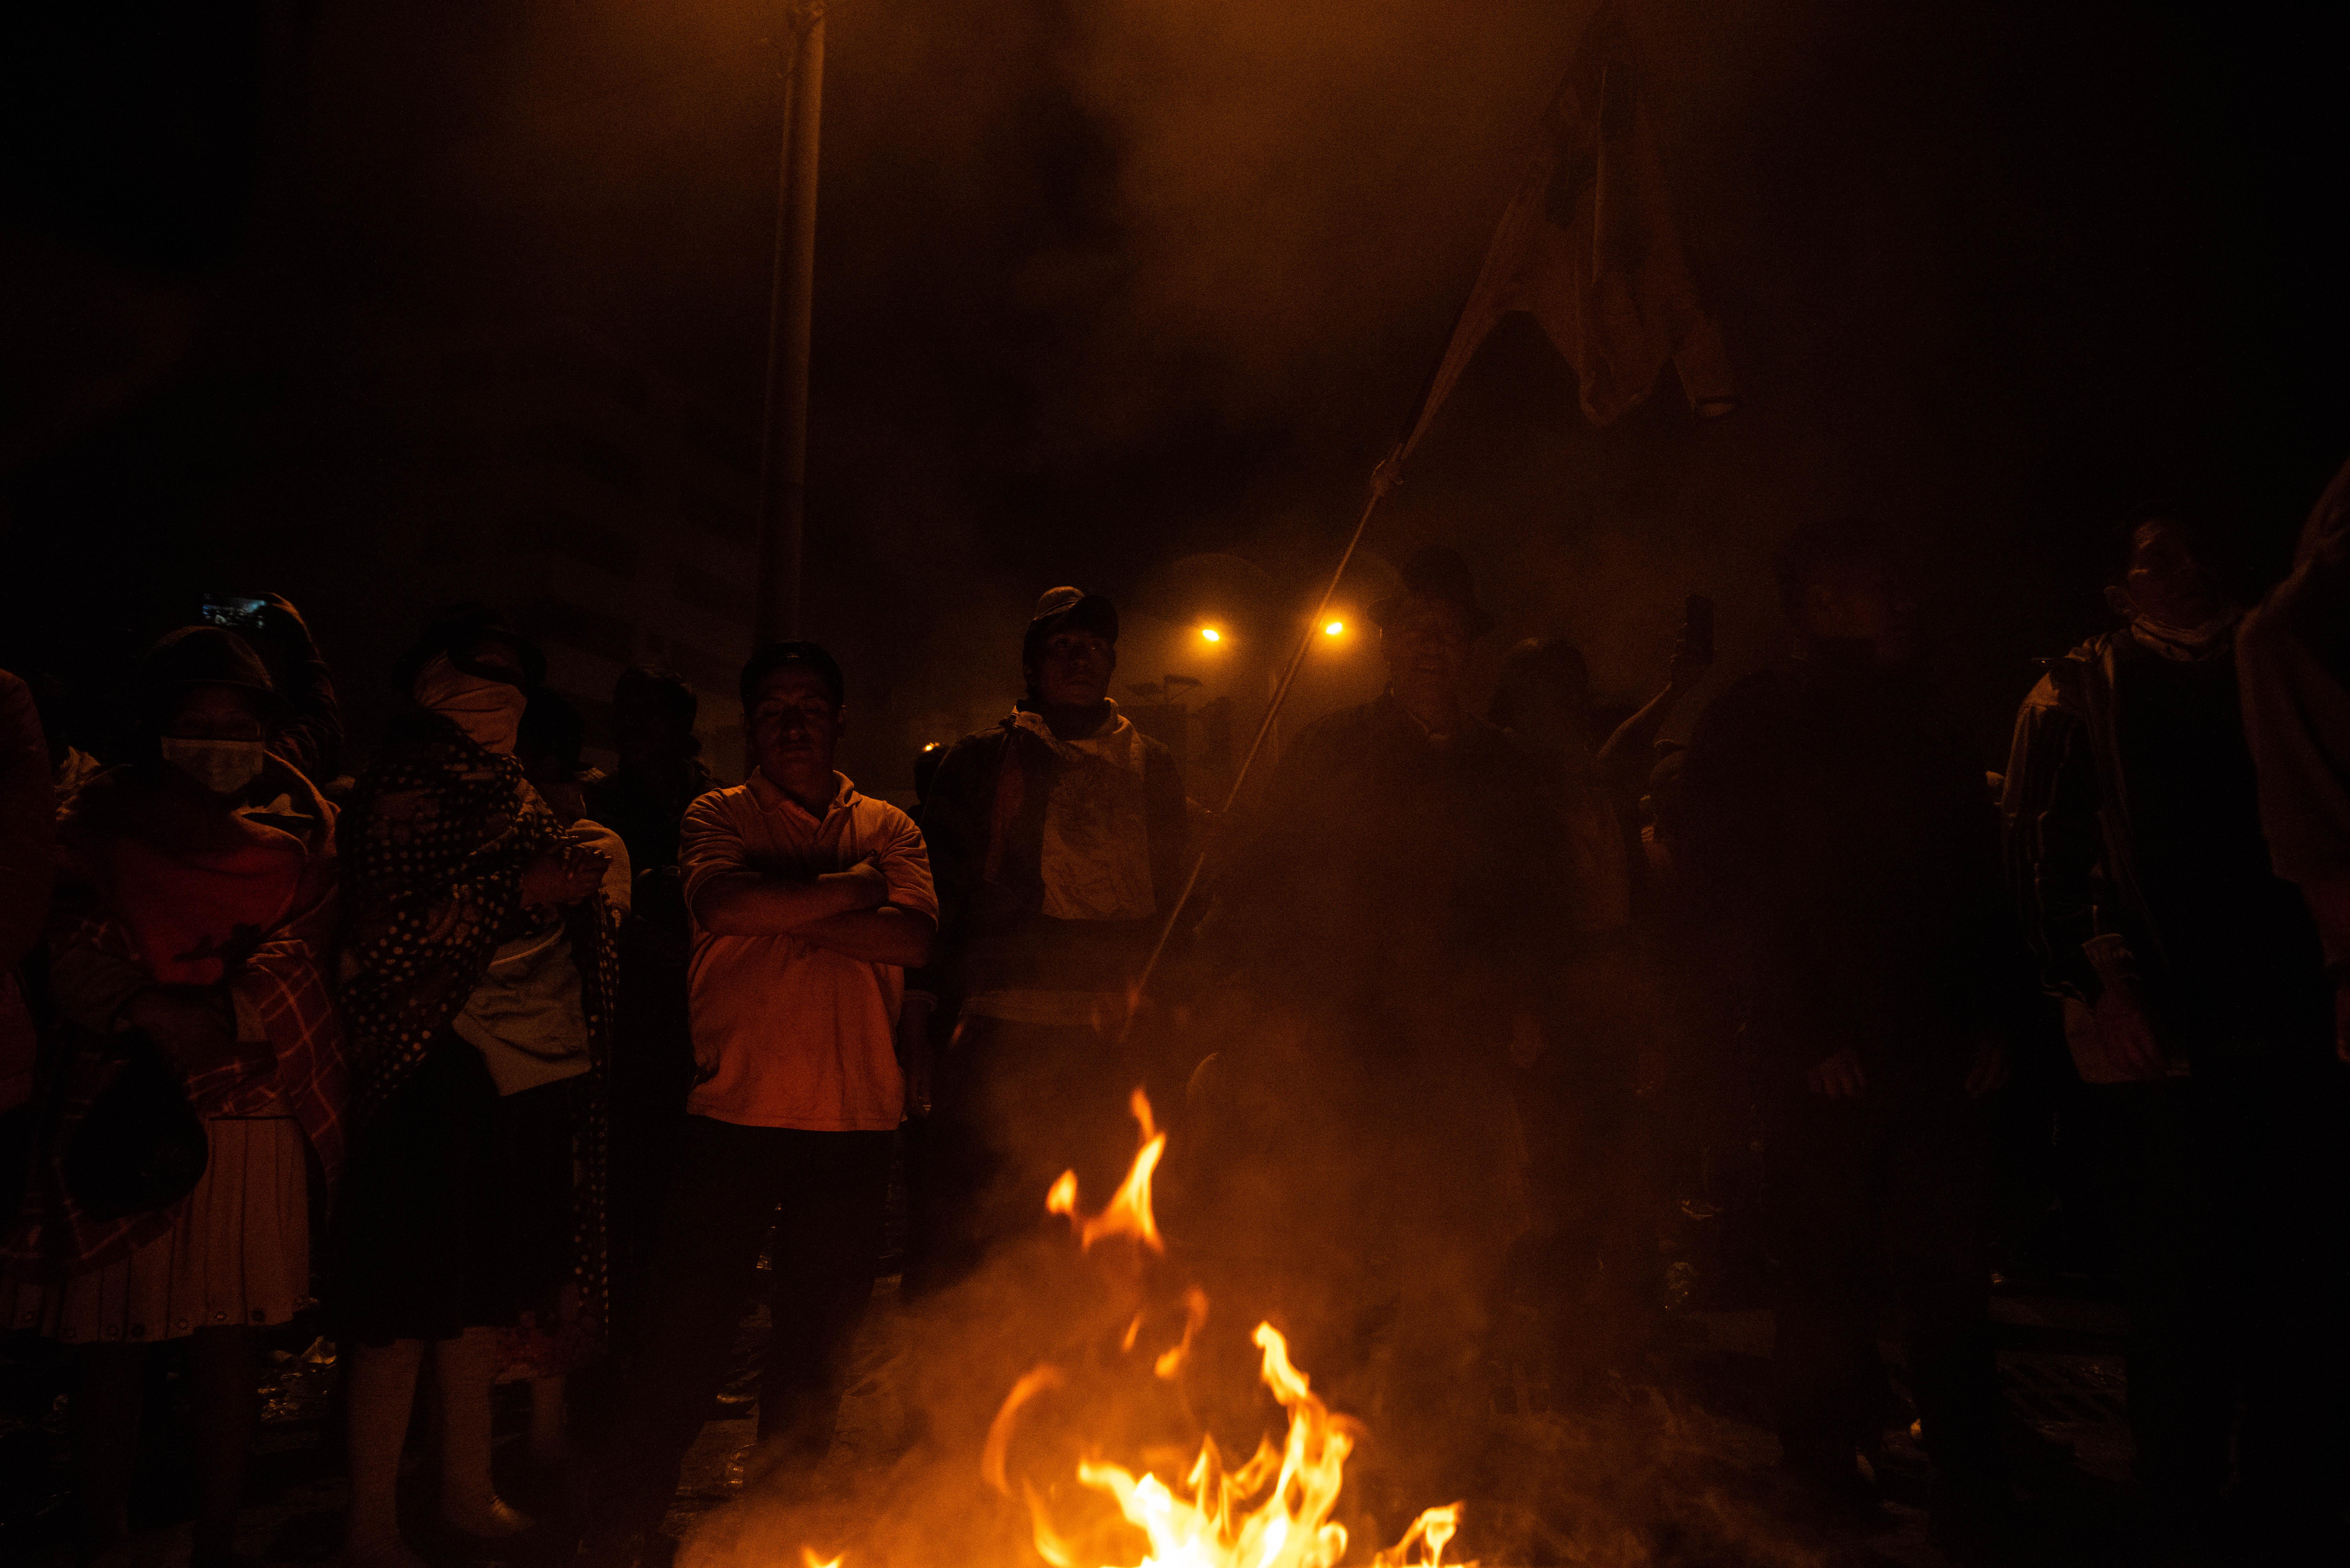 Dentro de los festejos, muchos también salieron a recordar los siete muertos, 1.340 heridos y 1.152 detenidos que dejaron las protestas.